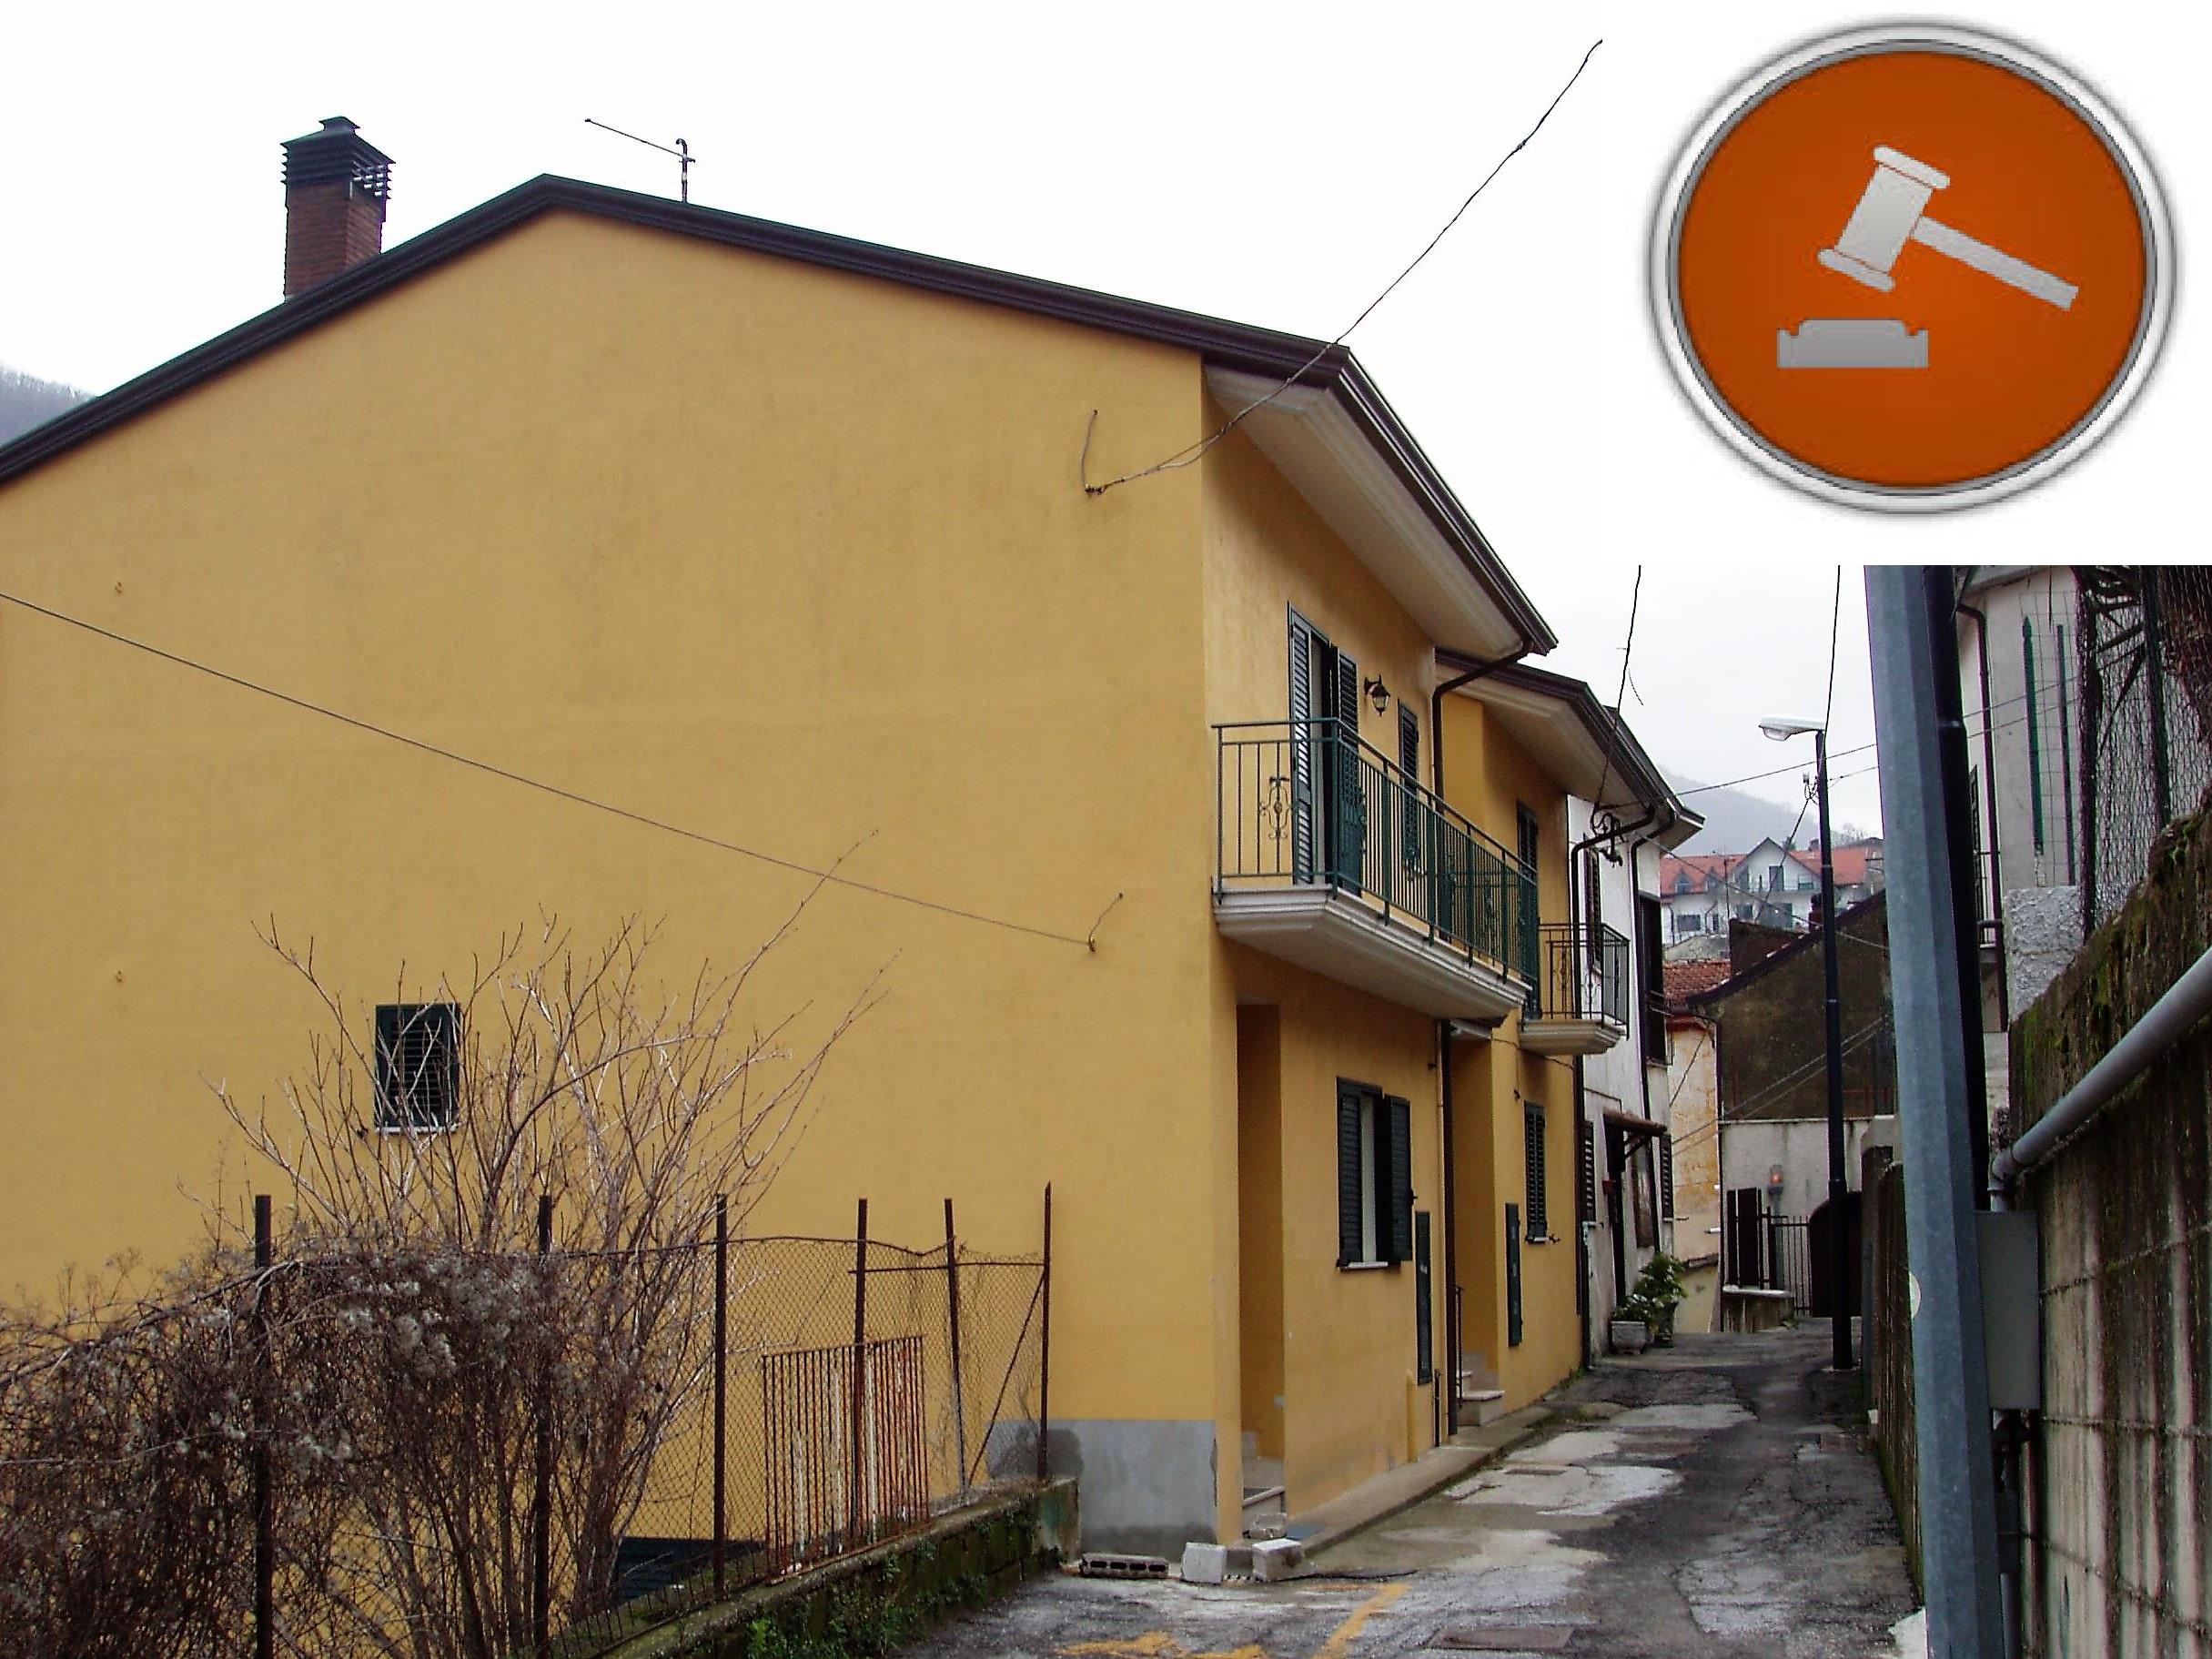 Monteforte Irpino (AV